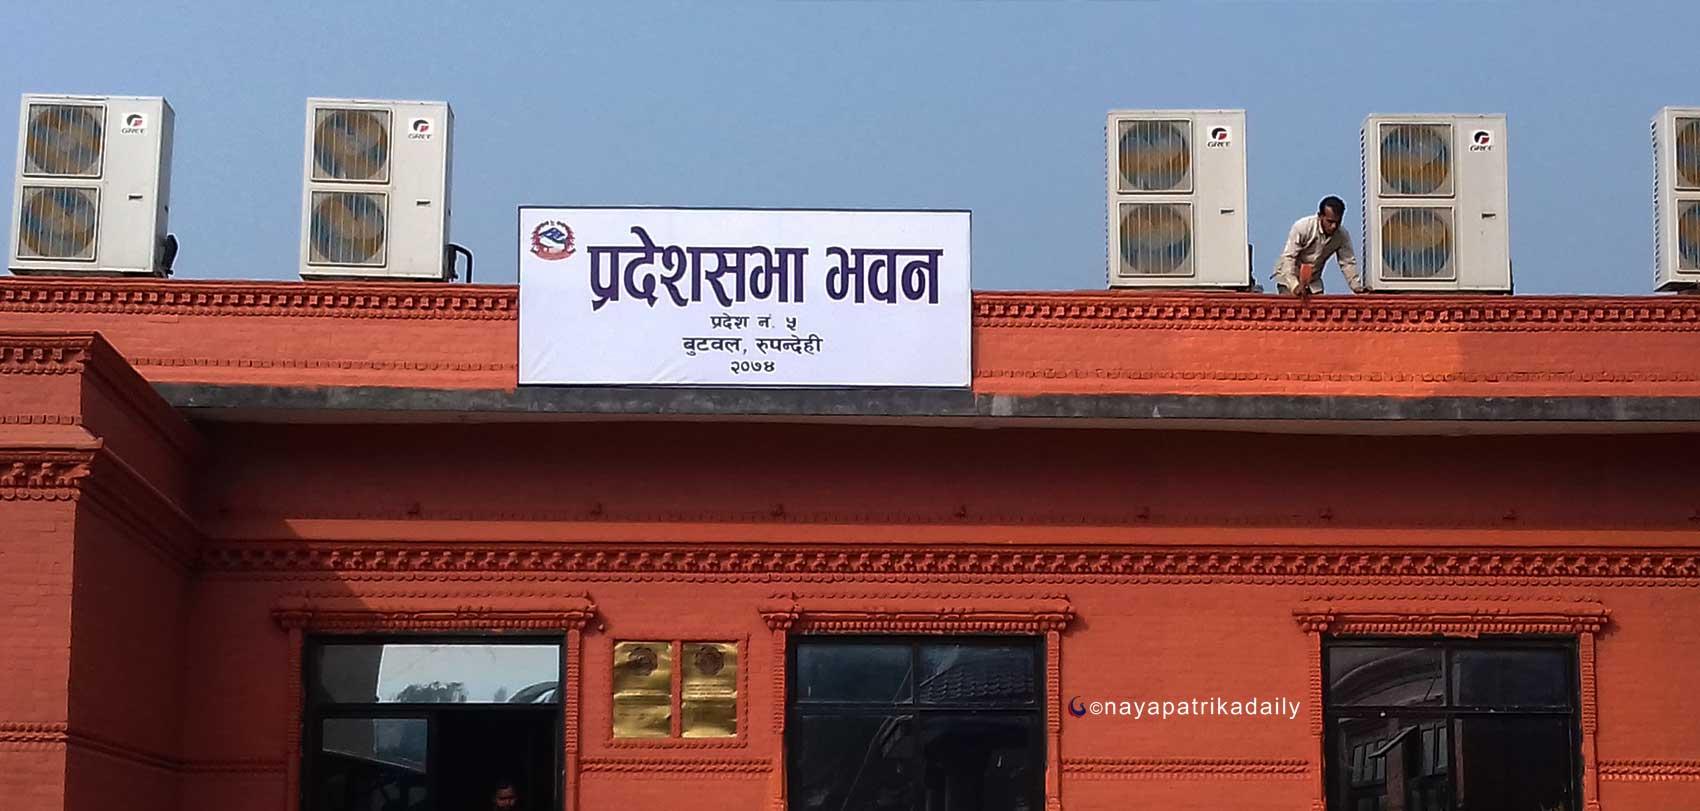 लुम्बिनी प्रदेशमा जसपाका चार सांसद कारवाहीमा